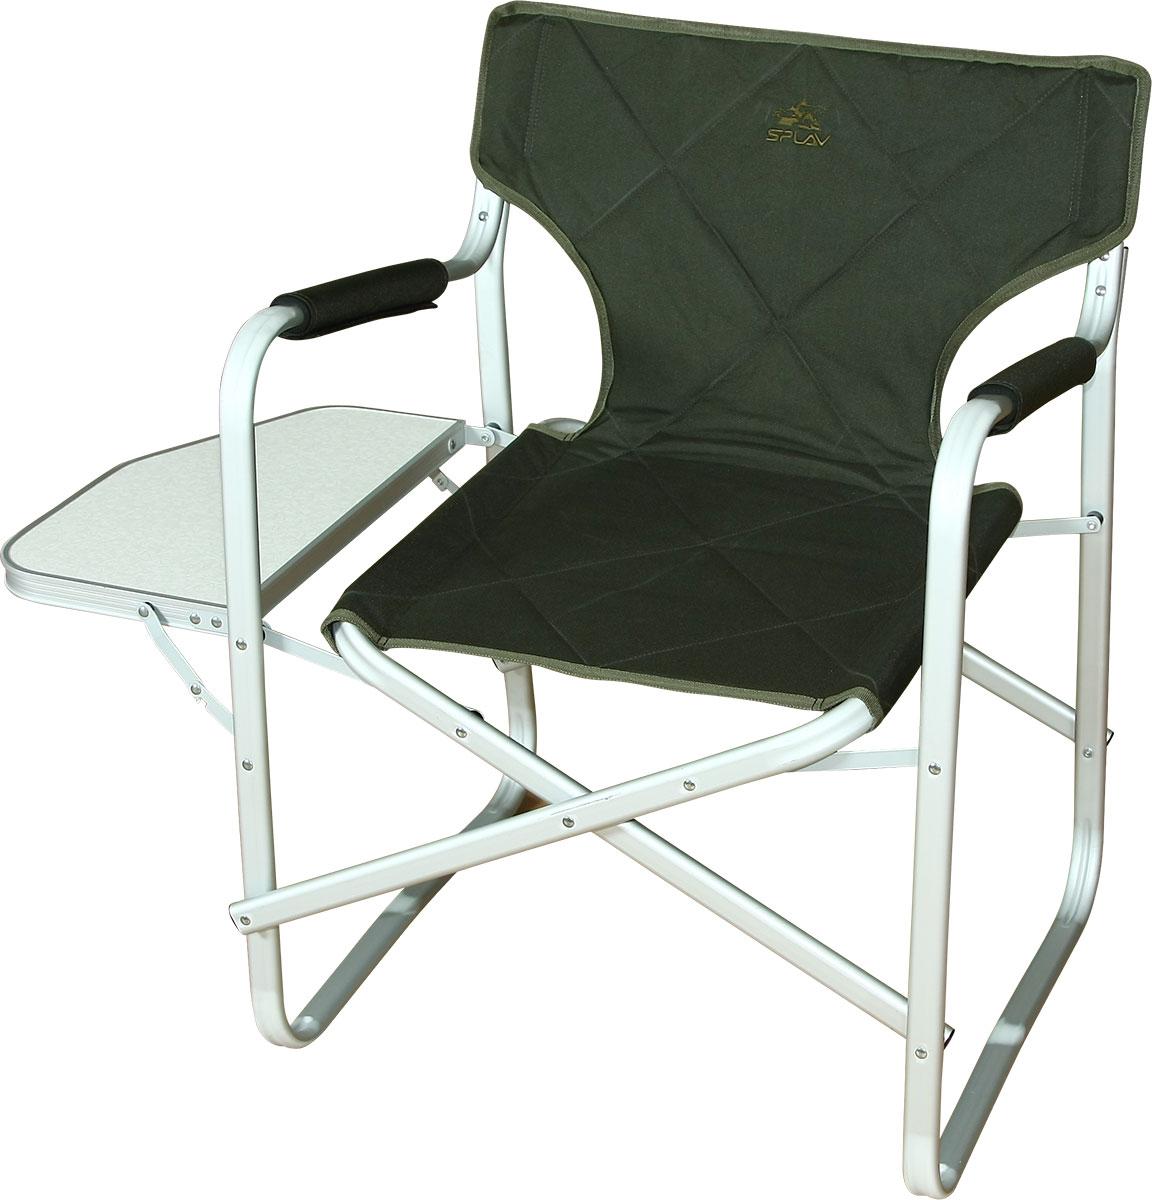 Кресло кемпинговое Сплав Comfort Al5113391Складное кресло для выездов за город и комфортного отдыха Прочный алюминиевый каркас, износостойкое сидение из полиэстера Компактный складывающийся столик Разве можно отправляться в дорогу без любимого кресла? Представьте, как вечерами Вы удобно устраиваетесь в нем, и все тело сразу отзывается благодарностью, костер роняет отблески на лица друзей и чашечка кофе или тонизирующего чая дымится на столике. Кстати, столик является неотъемлемой частью кресла Comfort. Легкий каркас из алюминиевого сплава и дышащее, прочное, износостойкое сидение из полиэстера составляют удобное, прочное кресло, которое складывается в плоскую упаковку и разворачивается одним движением. При собственном весе в 3,8 кг, Comfort. выдерживает нагрузку до 100 кг. Размер в сложенном состоянии: 80?55?12 см Размеры: 47?42?85 Вес: 3,8 кг Максимальная нагрузка 100 кг